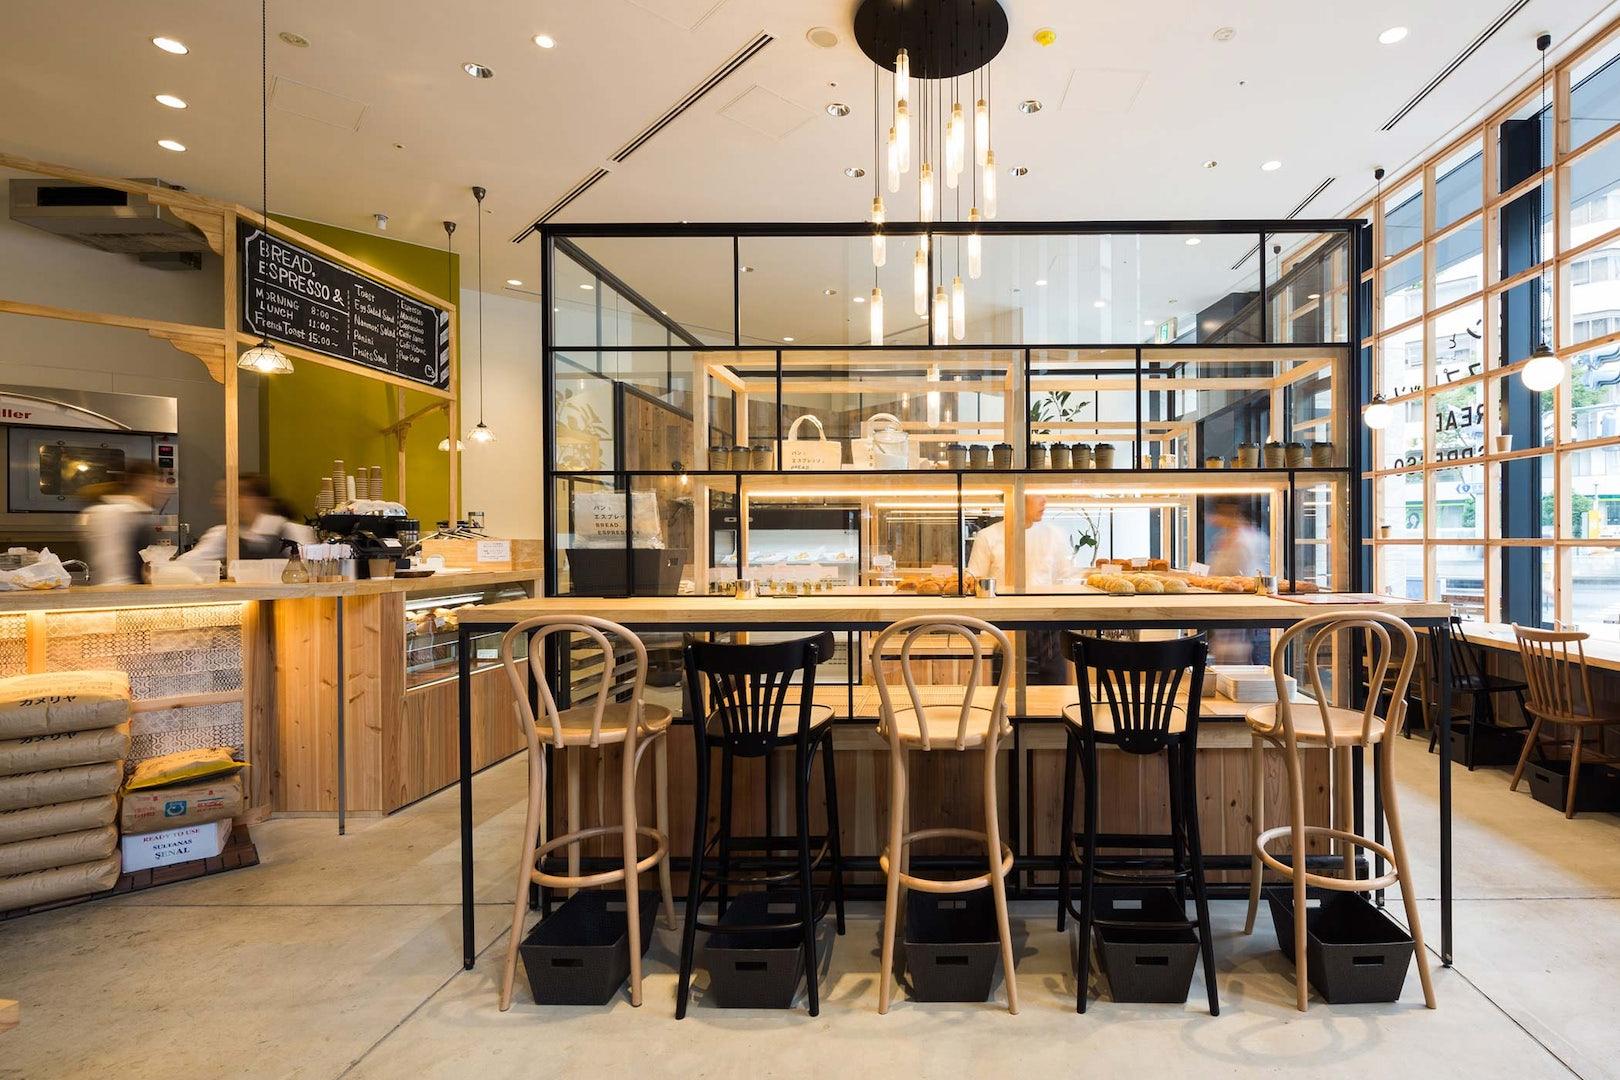 bar interior of bread espresso & in Tokyo